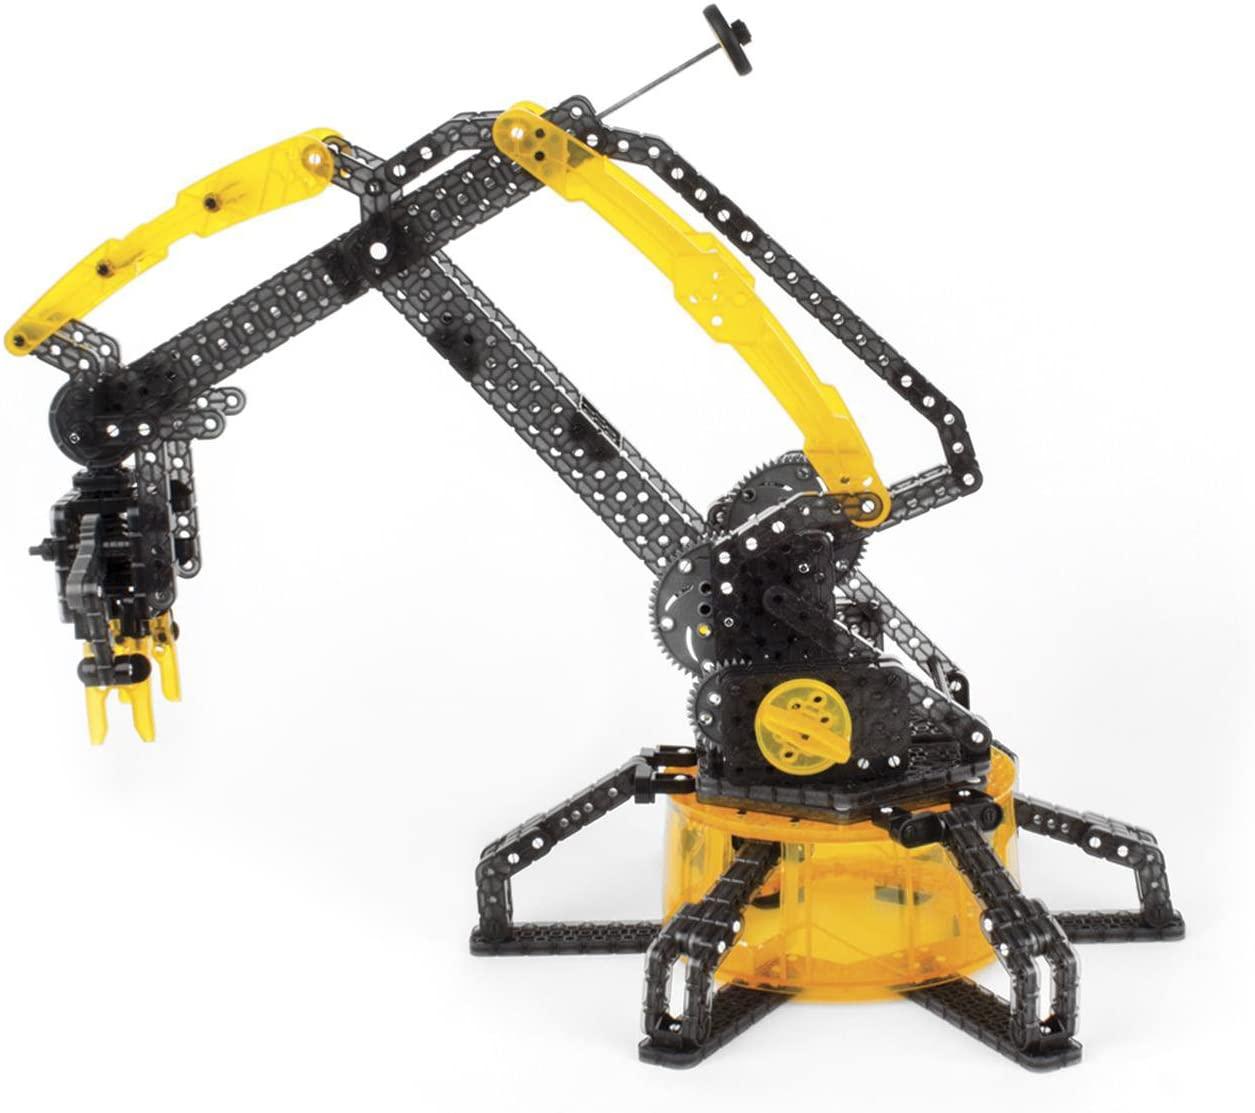 HEXBUG VEX Robotic Arm